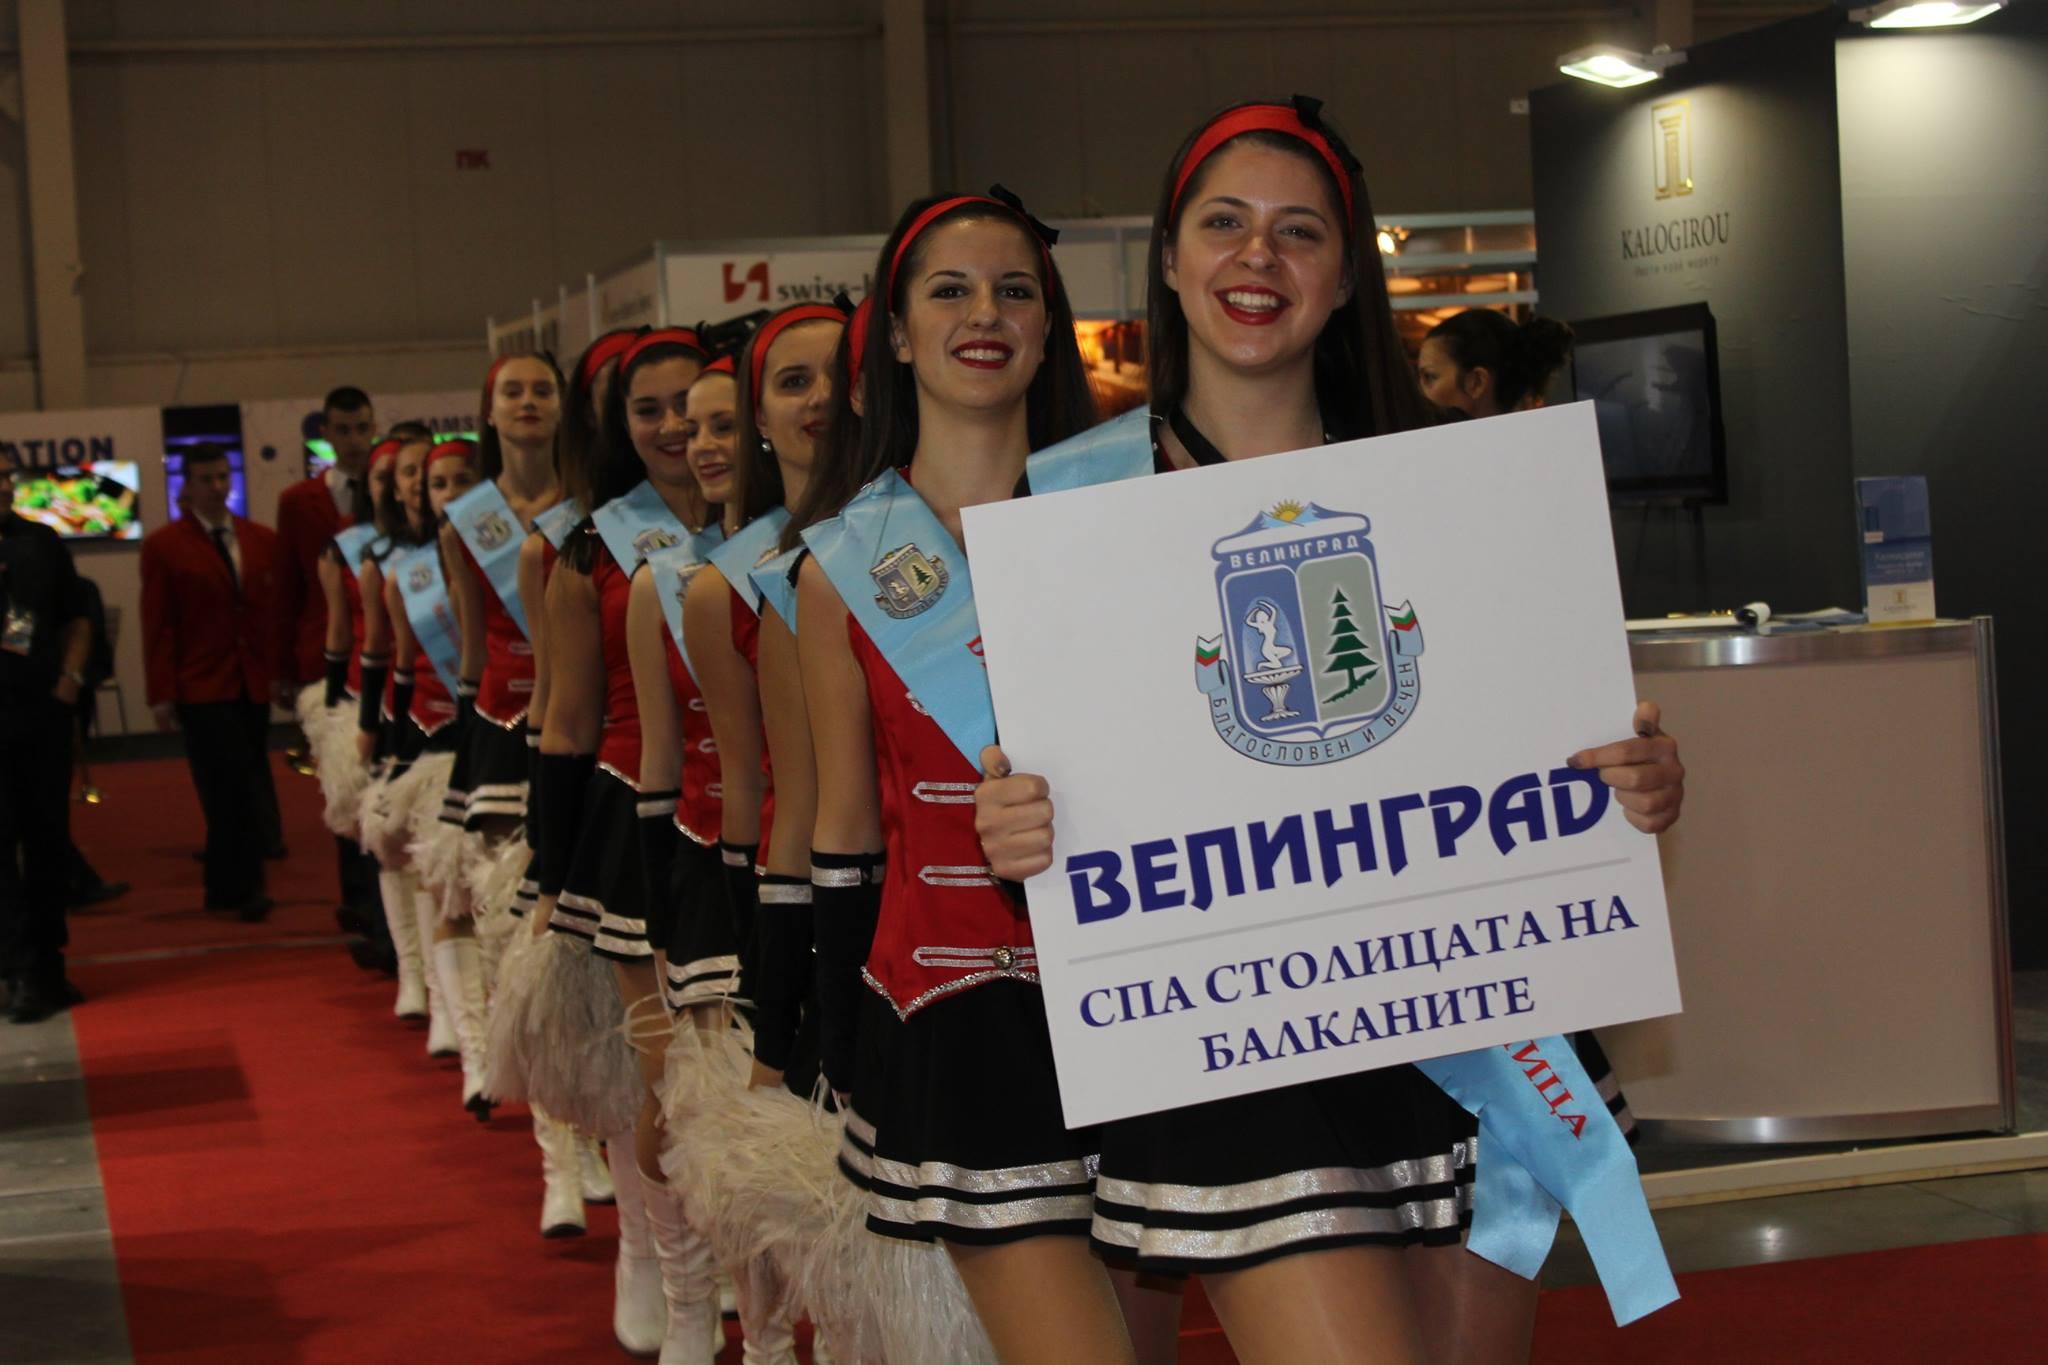 Уникални за Балканите маркетингови програми развиват туризма във Велинград